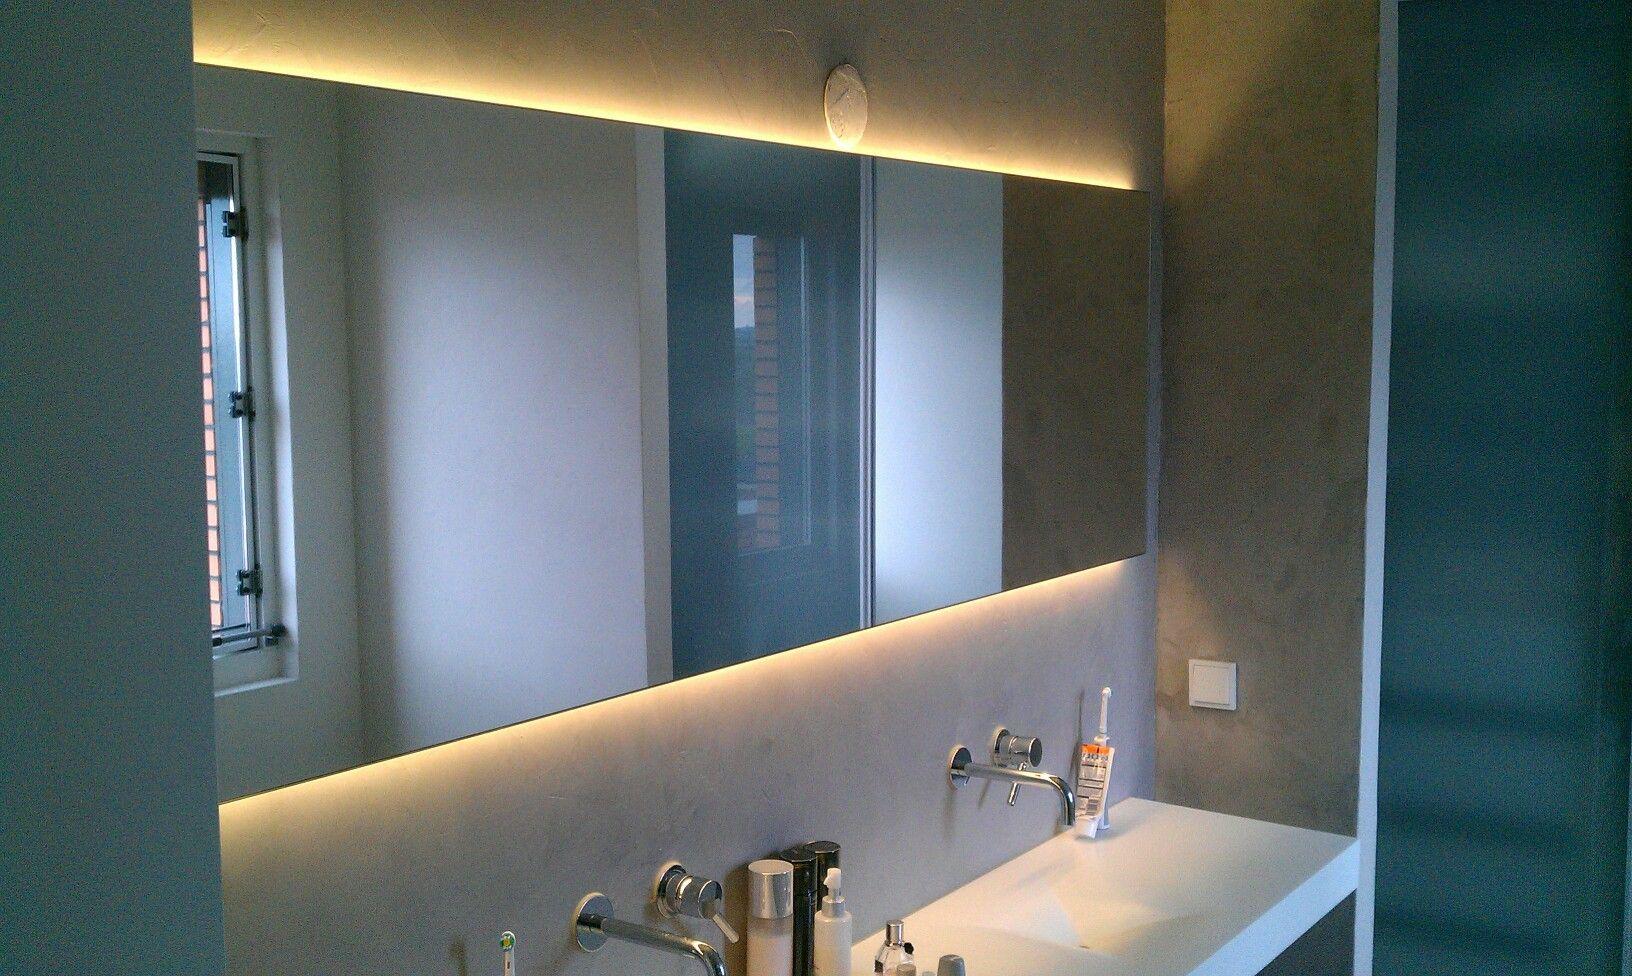 Spiegel Met Led : Spiegel met led verlichting achter de spiegel spiegel en